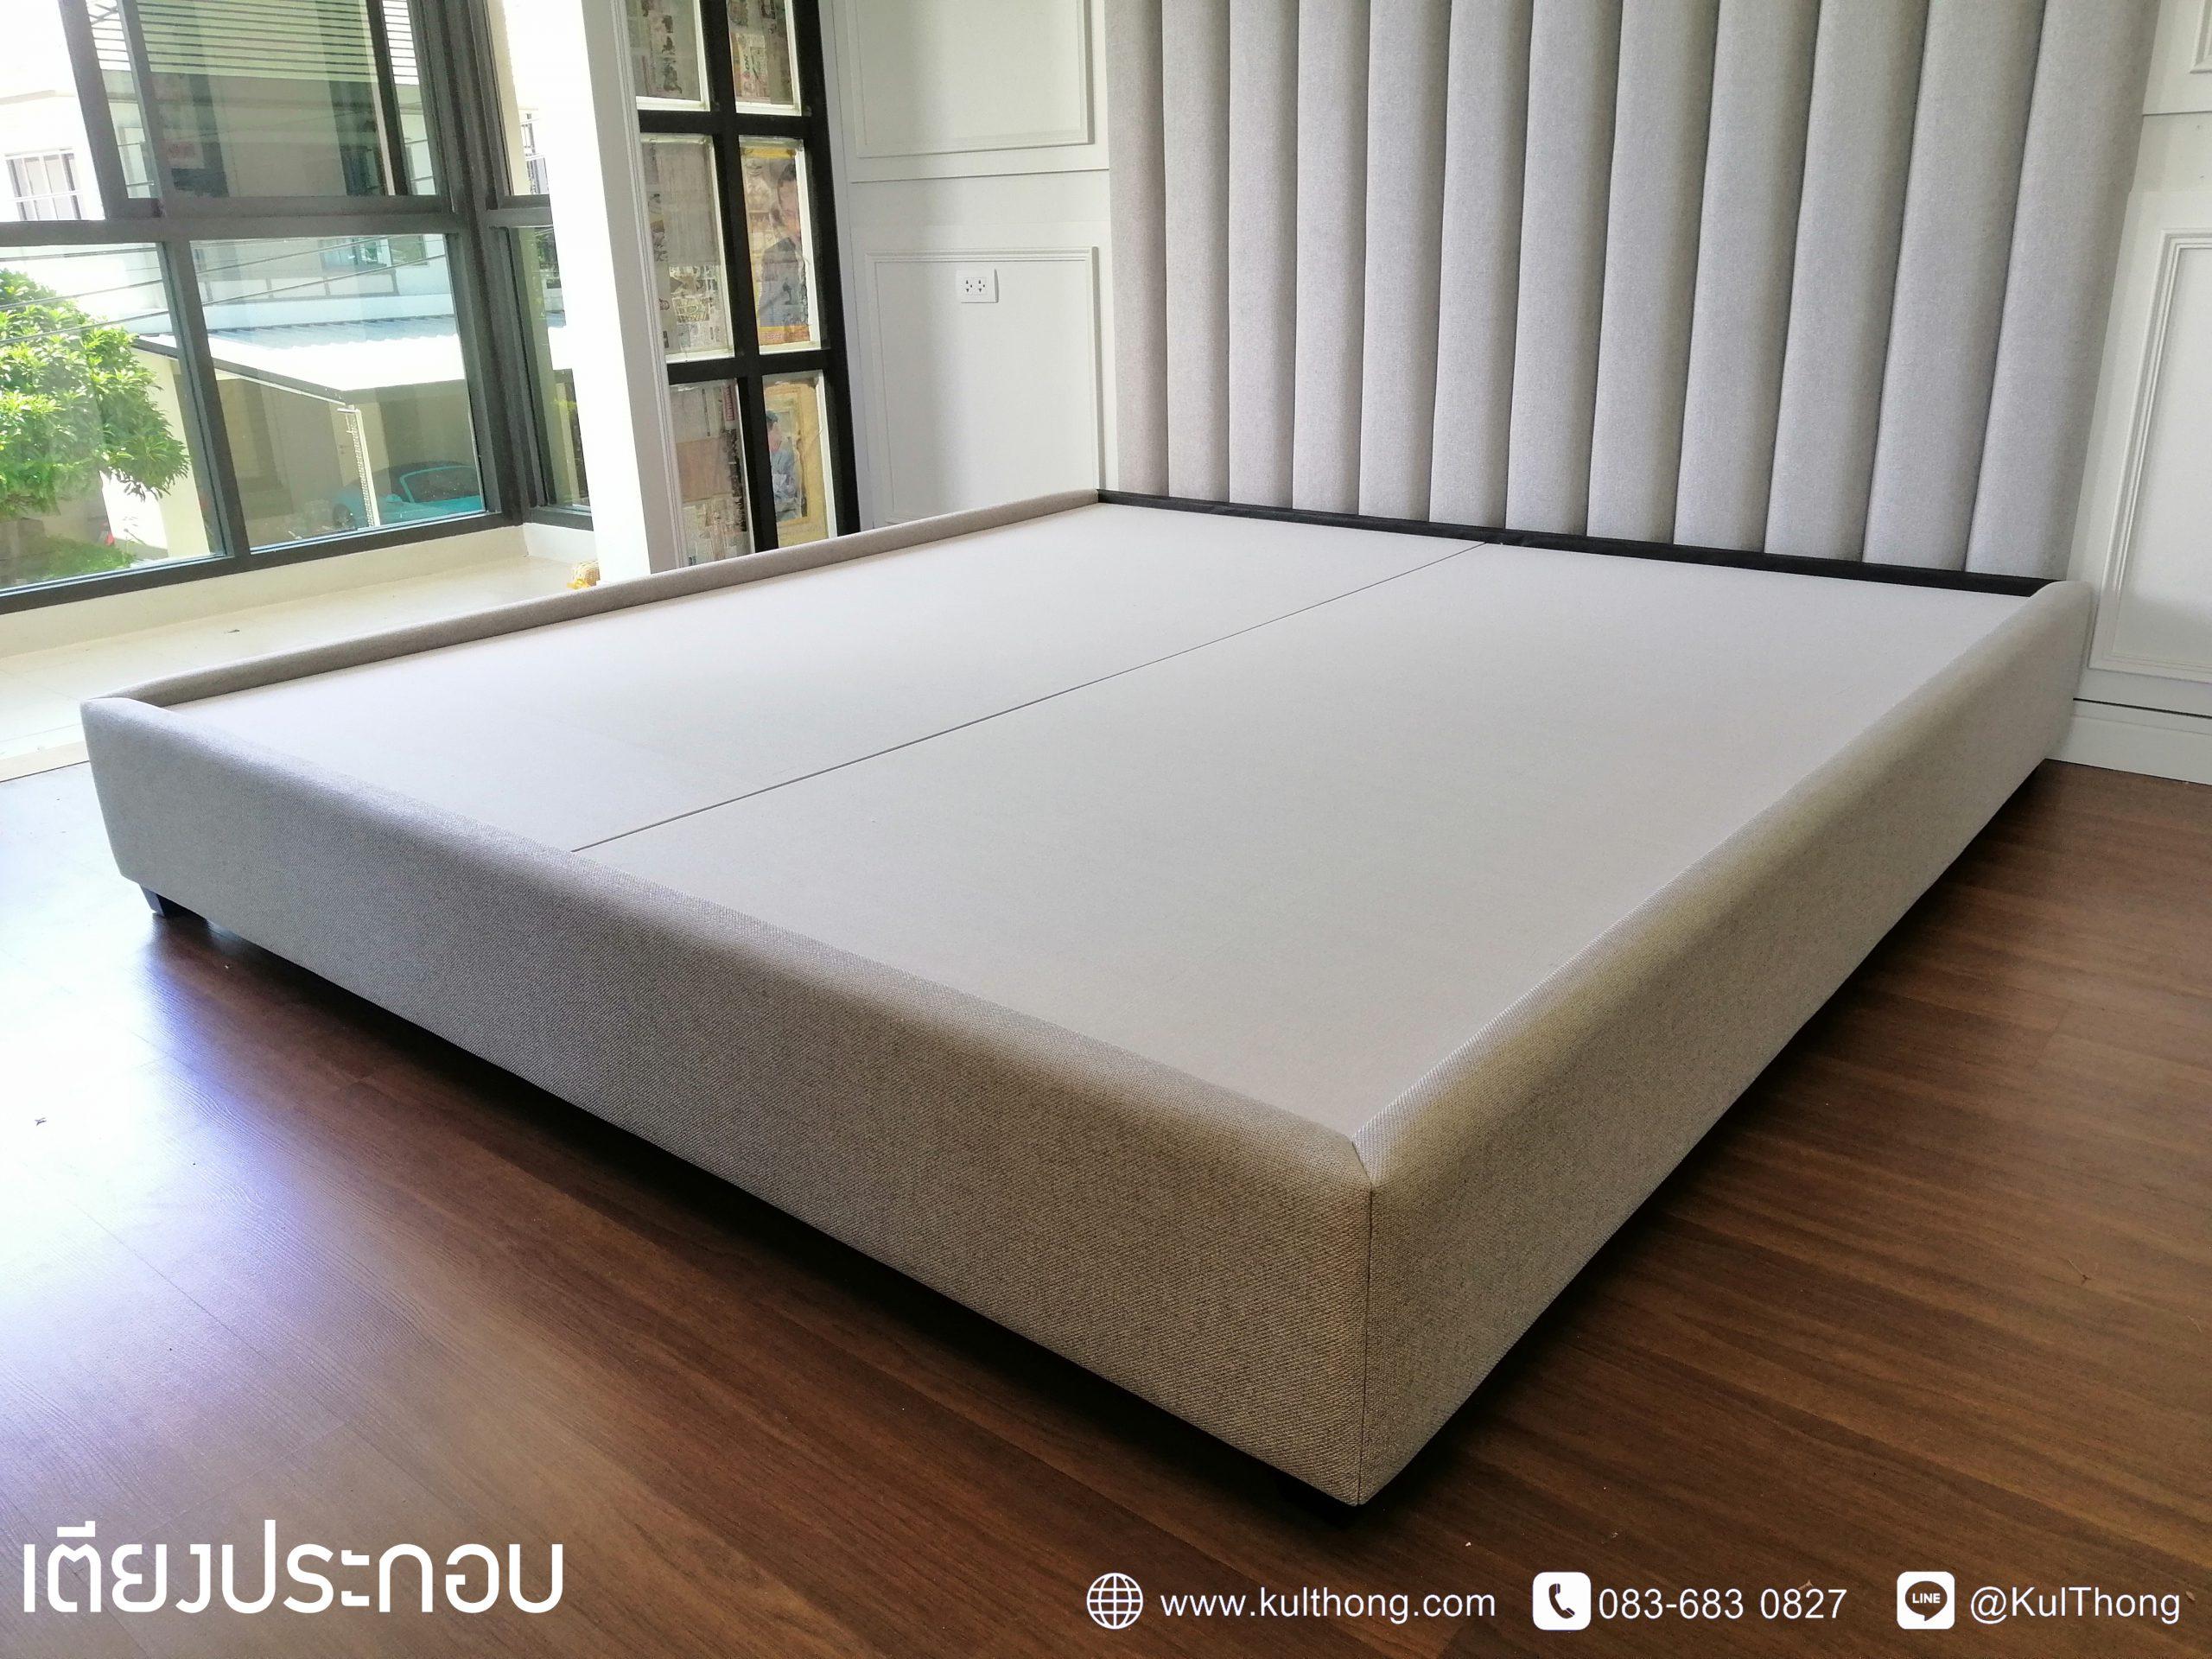 ฐานเตียงดีไซน์ เตียงแบบไม่มีหัวเตียง เตียงสั่งผลิต